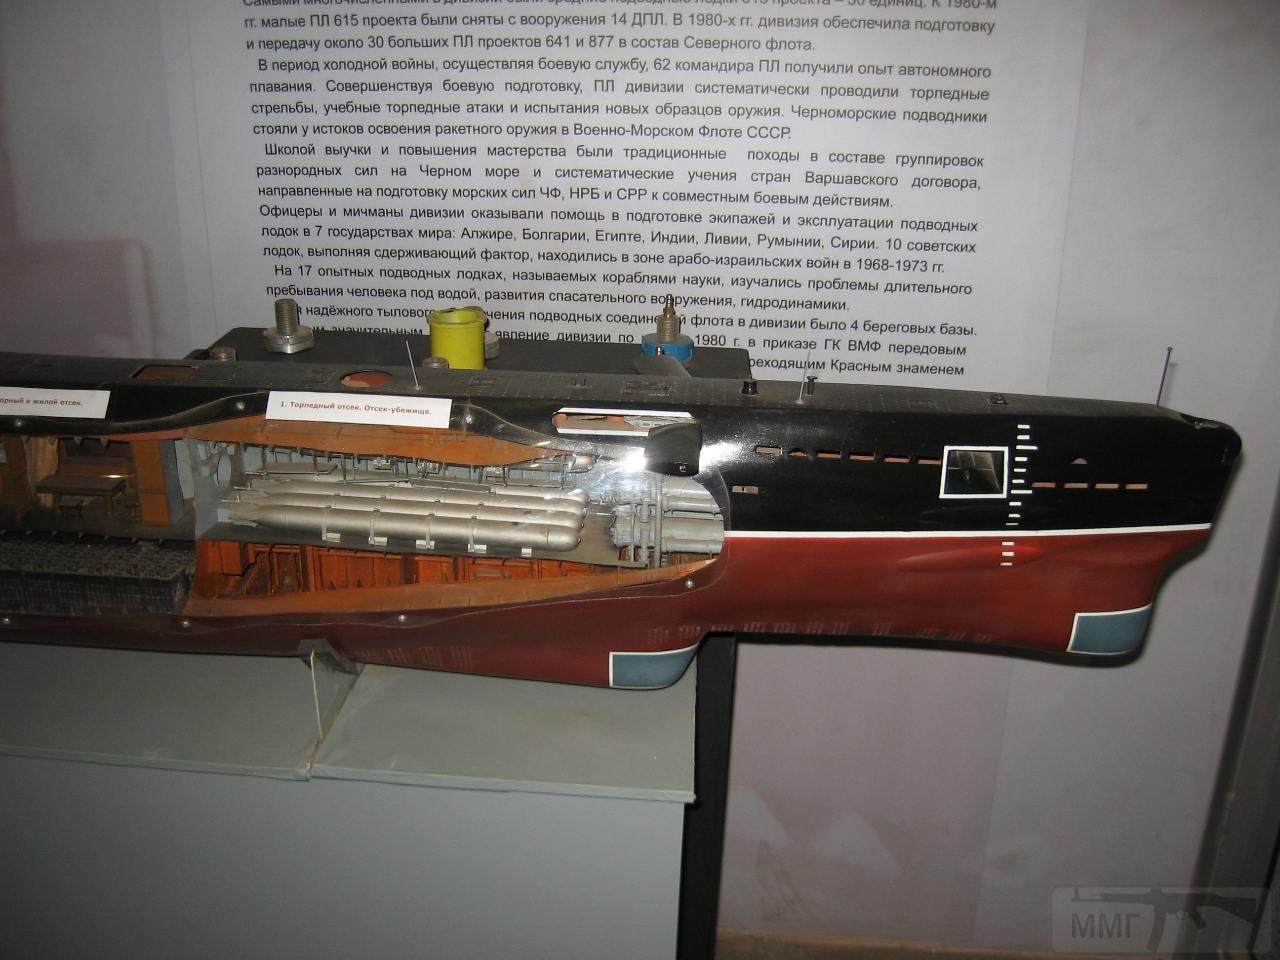 10994 - Немецкая артиллерия Севастополь 2011